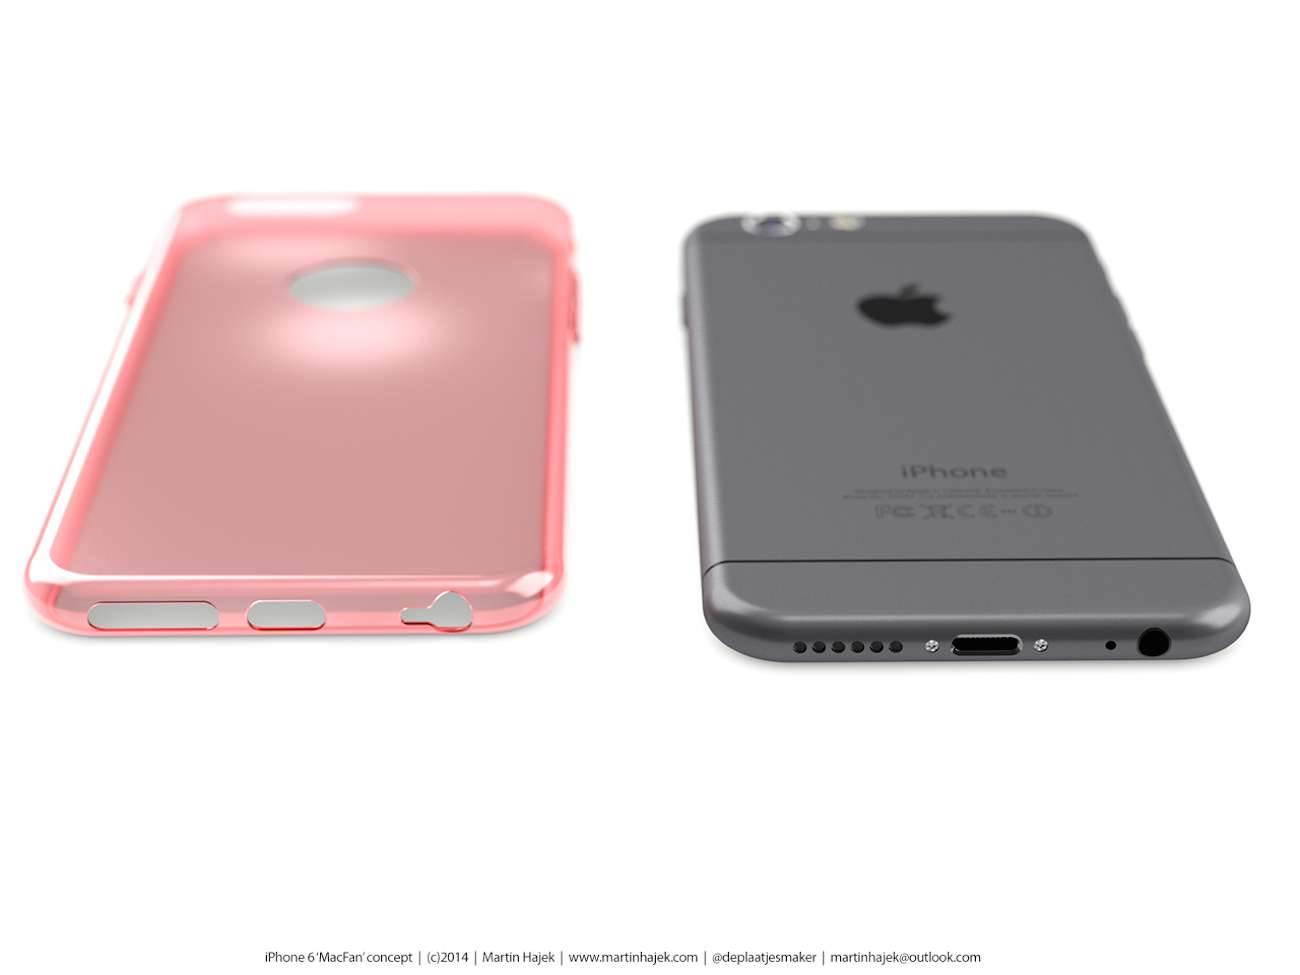 iPhone 6 i bardzo interesujący koncept Martina Hajek'a ciekawostki Zdjęcia iPhone 6, Wizja, Nowy iPhone 6, koncept, jak będzie wyglądał nowy iPhone 6, iPhone6, iPhone Air, iPhone 6, iPhone, Apple  Pamiętacie jak kilka dni temu umieściliśmy na stronie zdjęcia rzekomej obudowy nowego iPhone'a 6? iP68